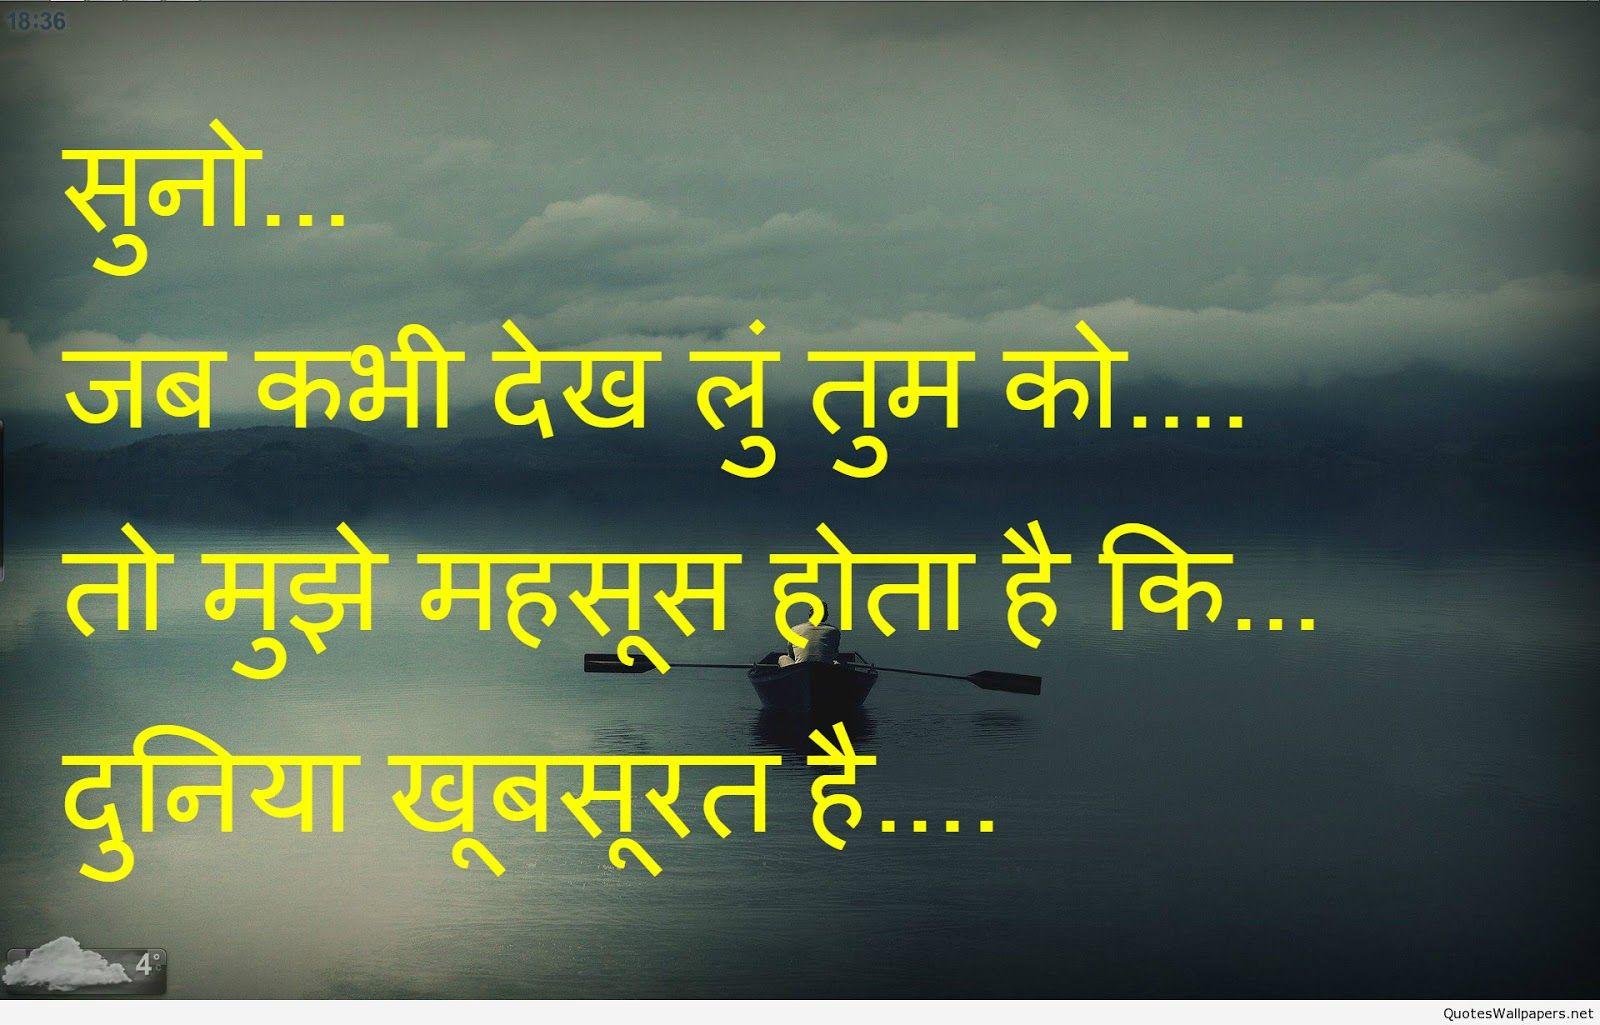 Sad hindi shayari for girlfriend pics, sayings, quotes